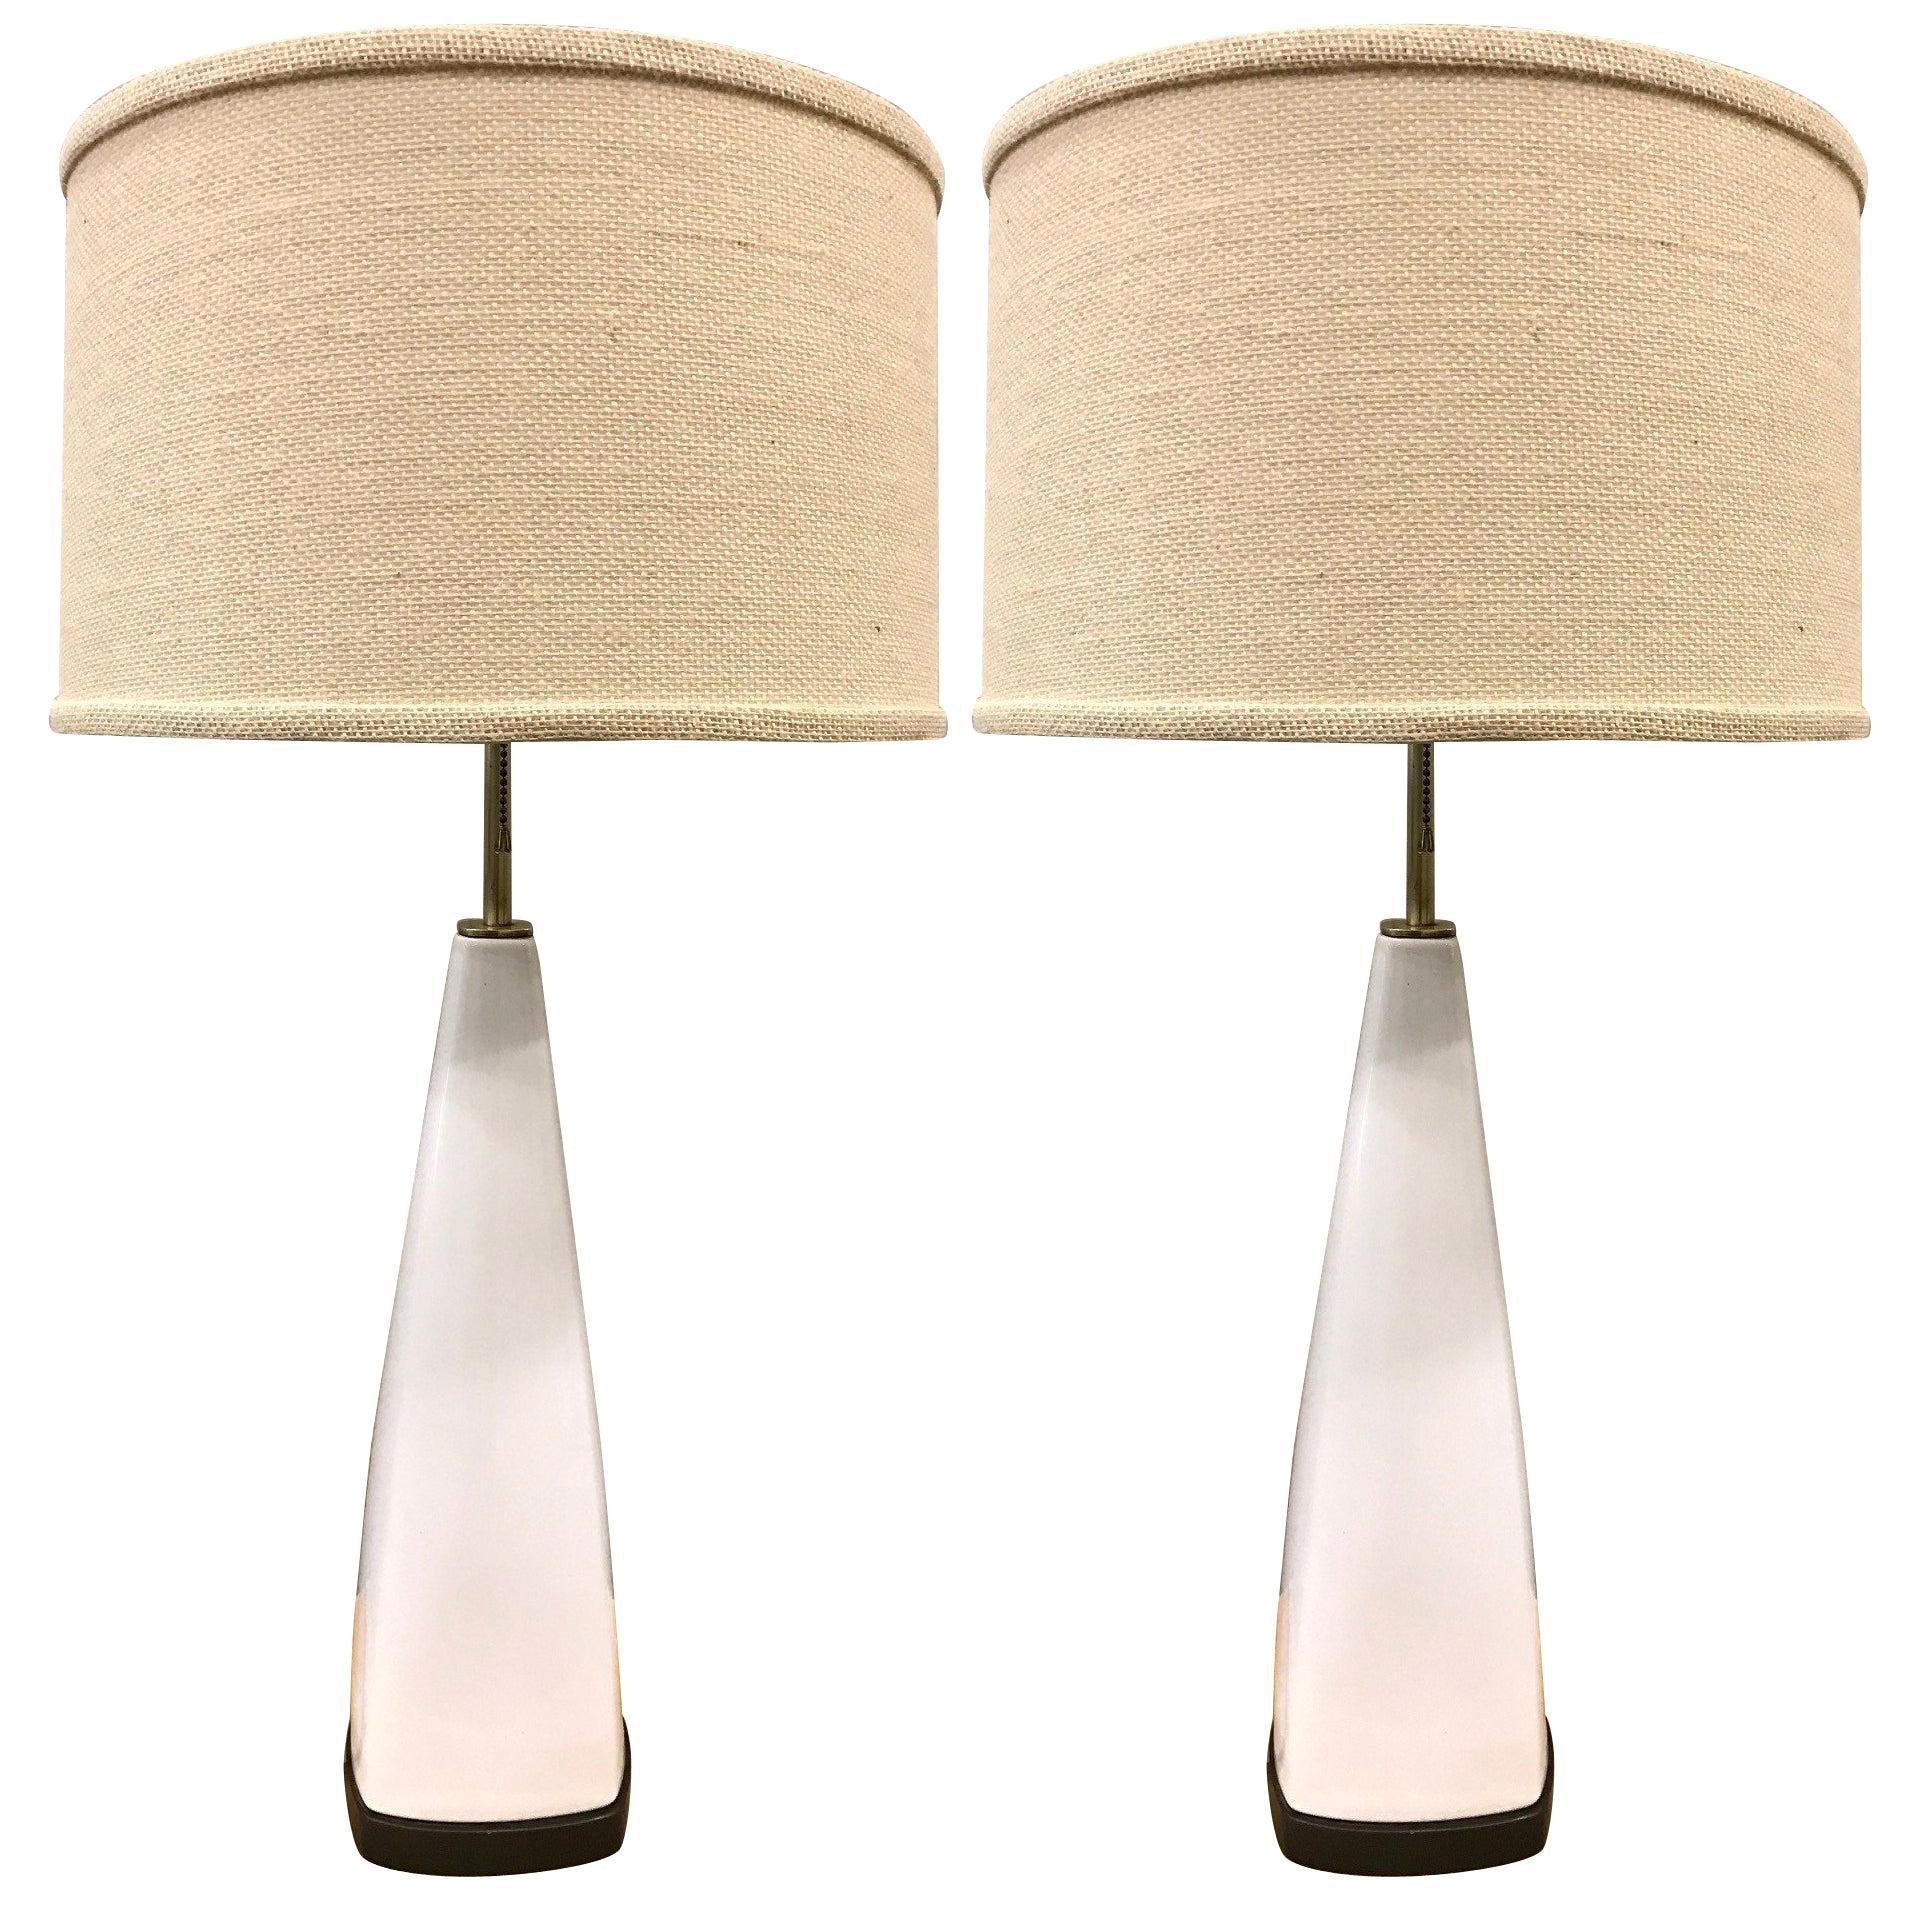 Pair of Italian White Ceramic Lamps